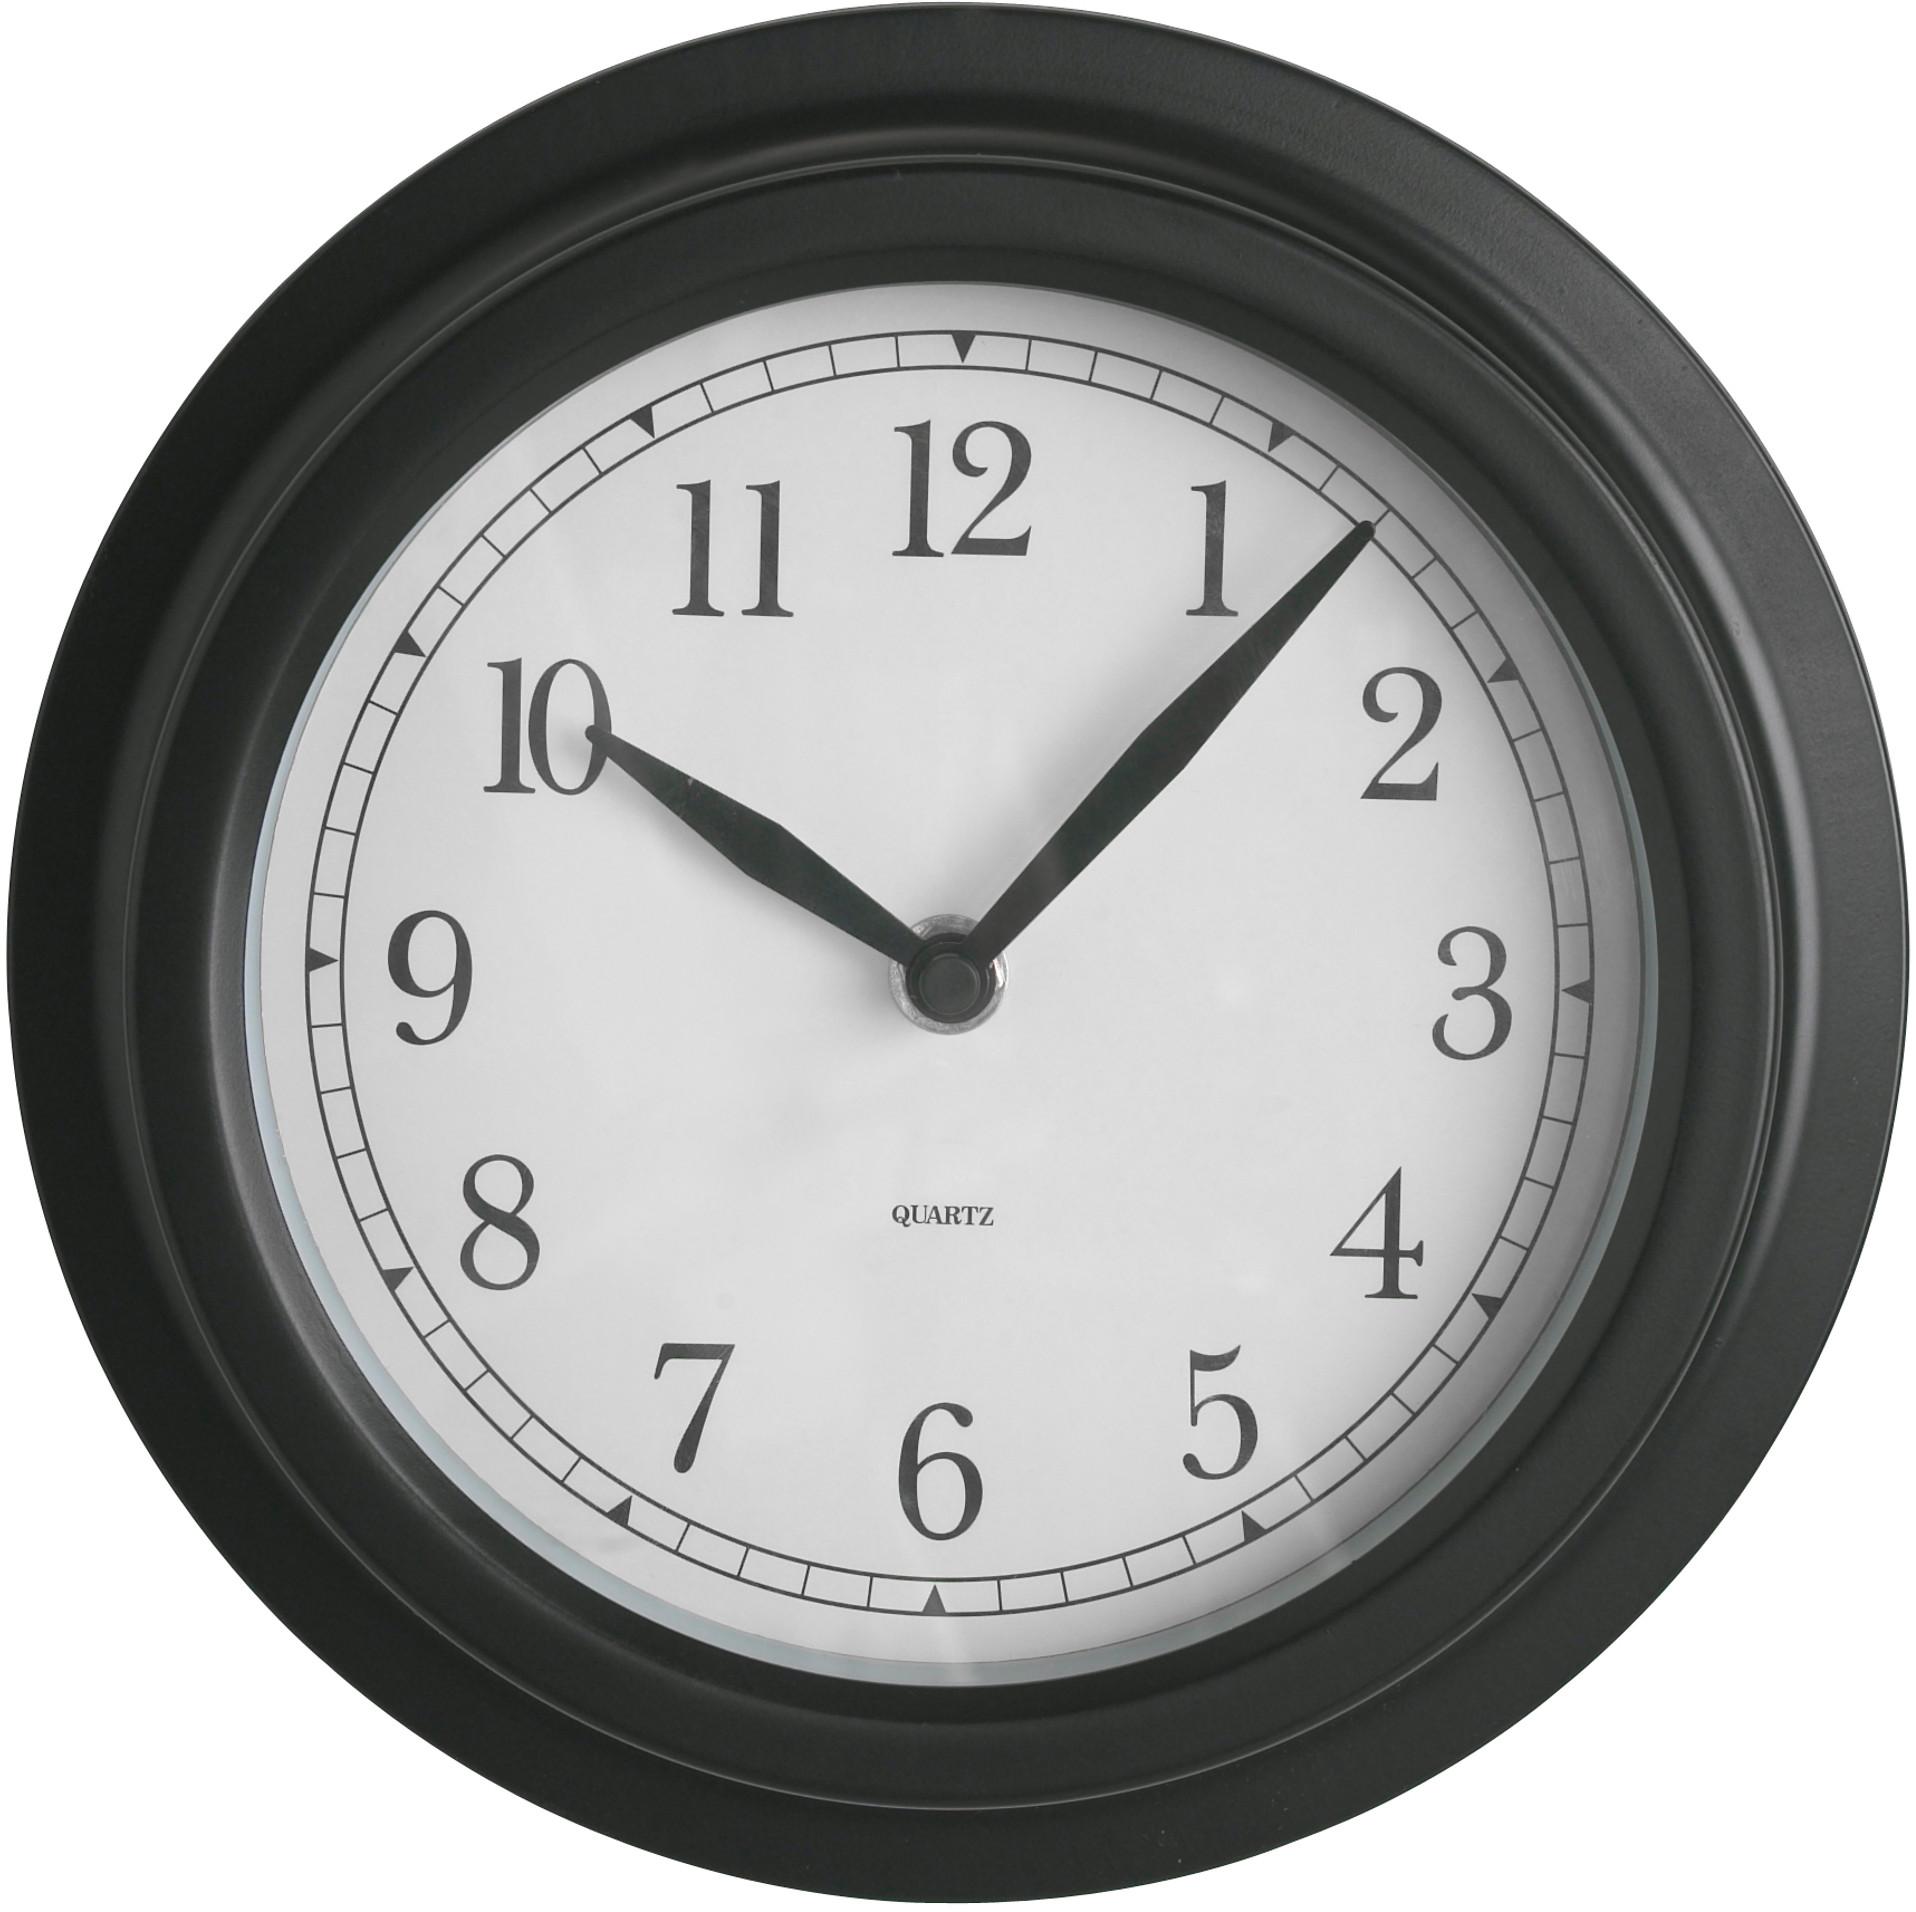 DEKAD Wall clock - IKEA